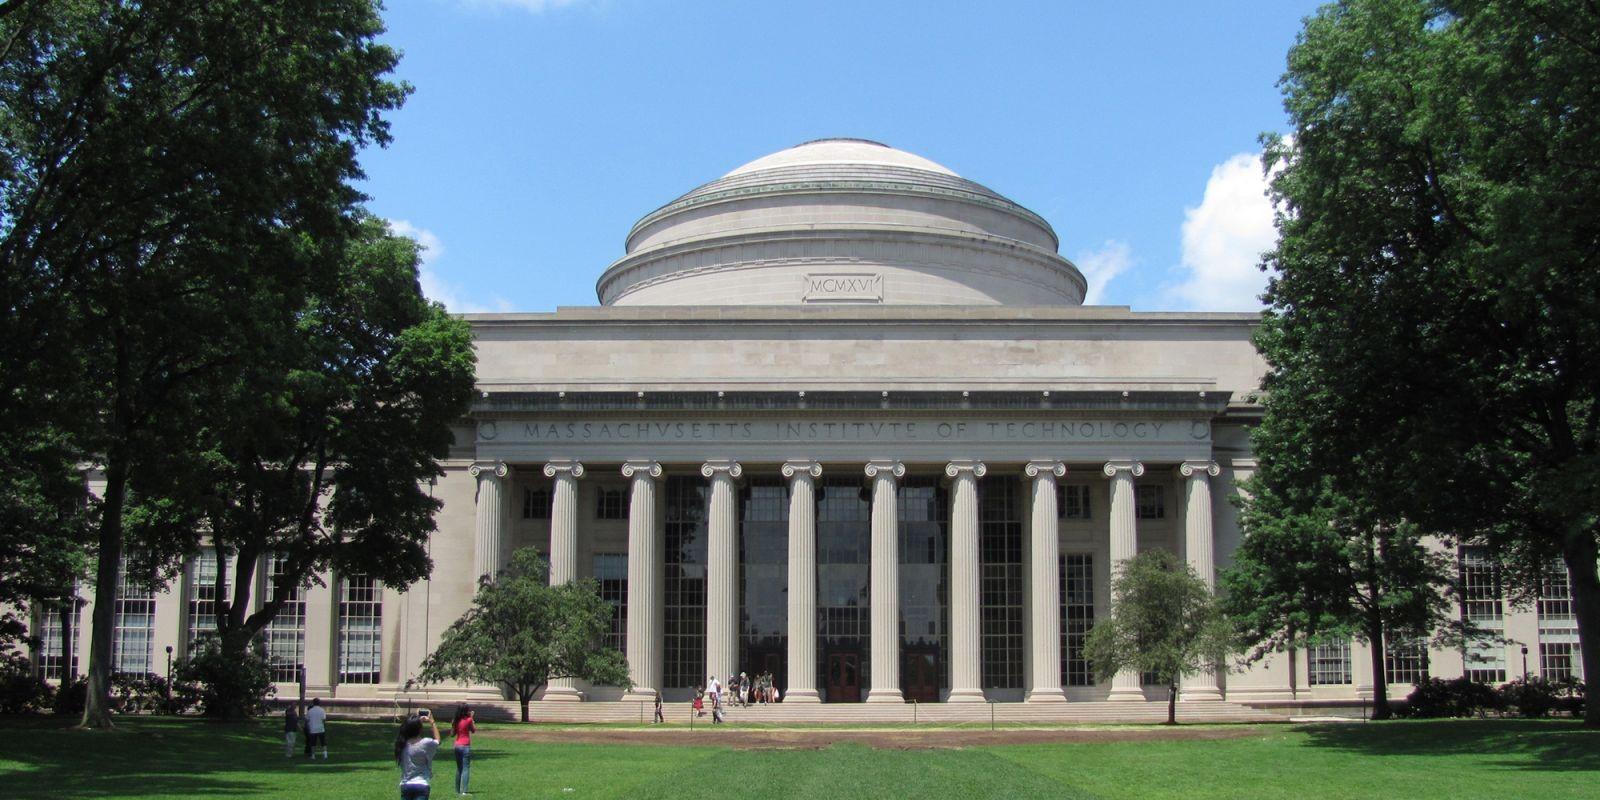 Massachusetts Institute of Technology - Sheet1